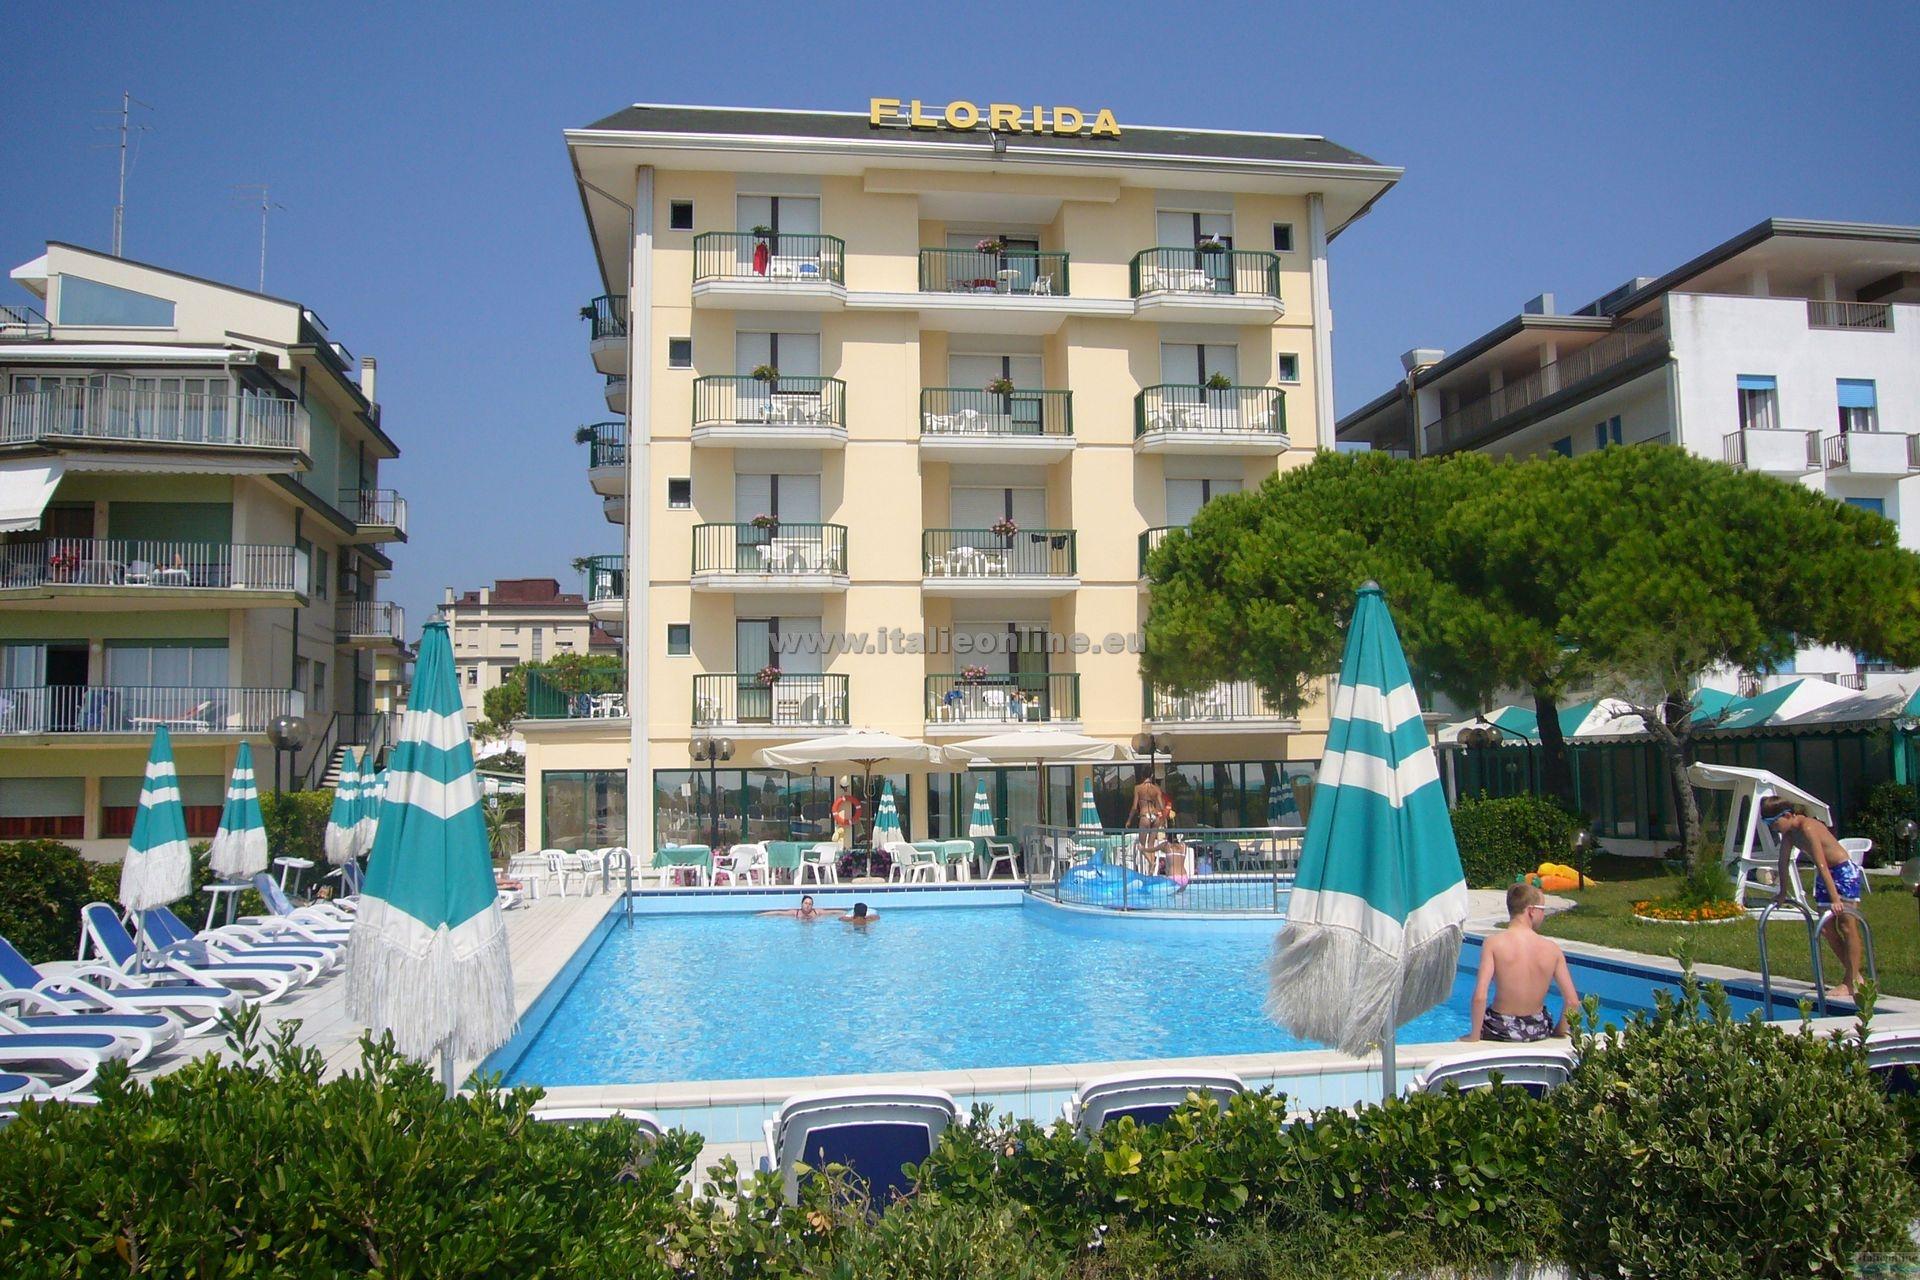 Hotel Florida Lido di Jesolo ovest Italien Italieonline